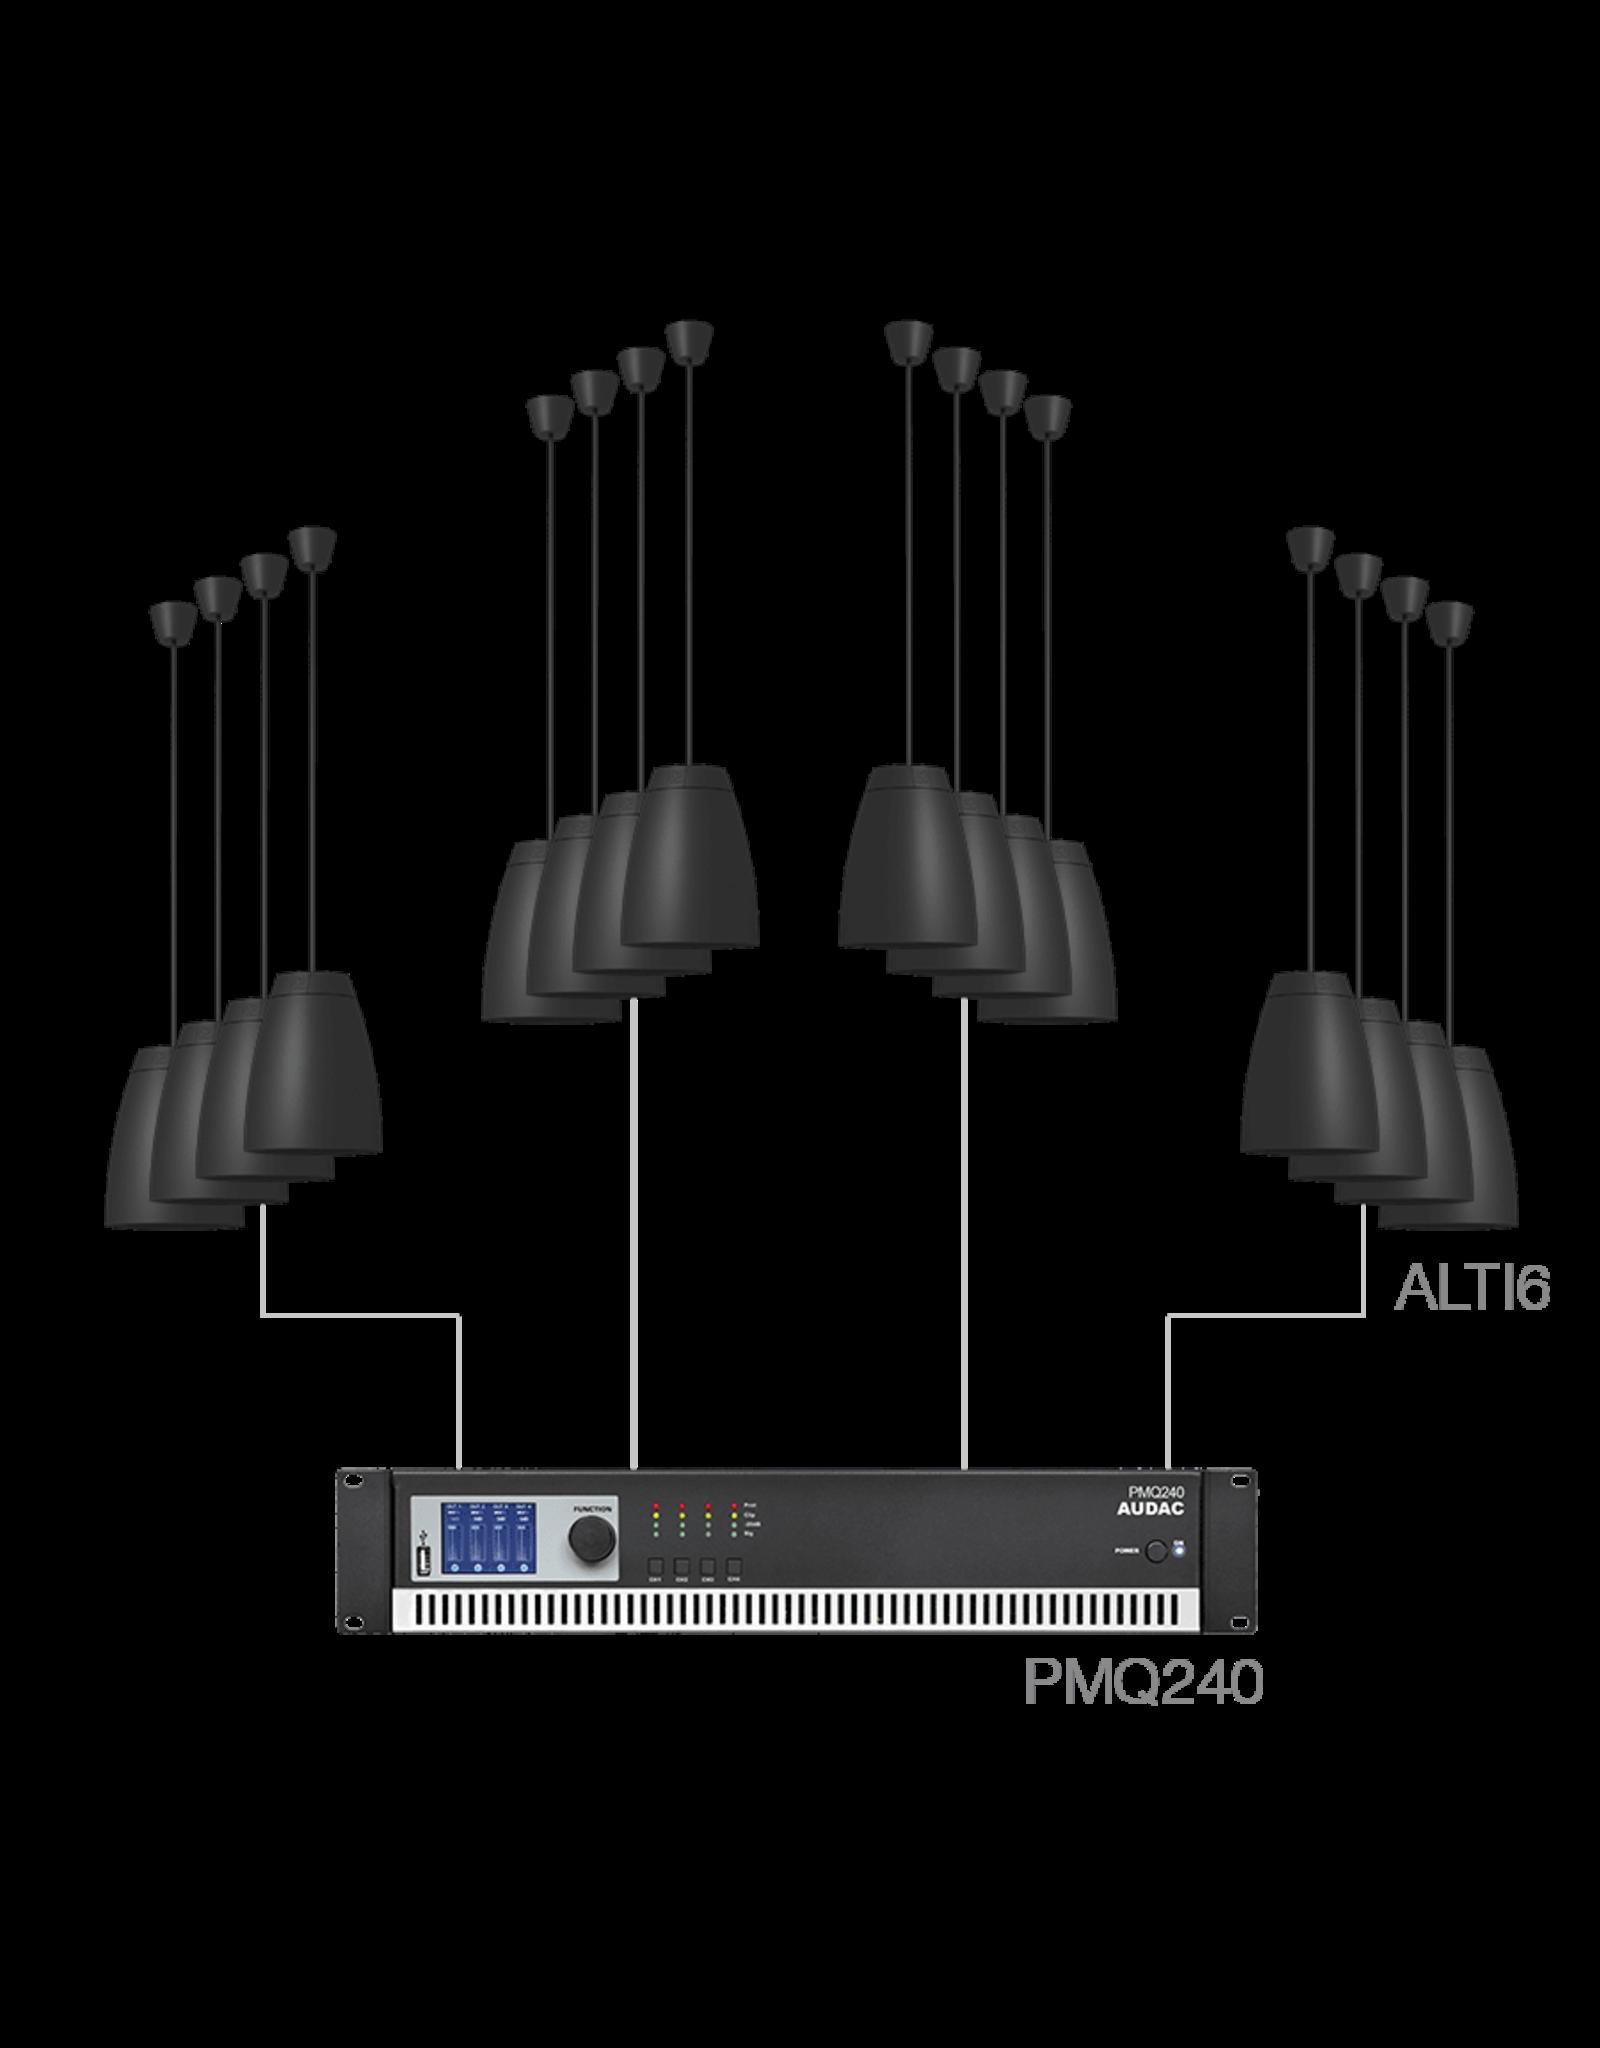 Audac 16 x ALTI6 + PMQ240 Black